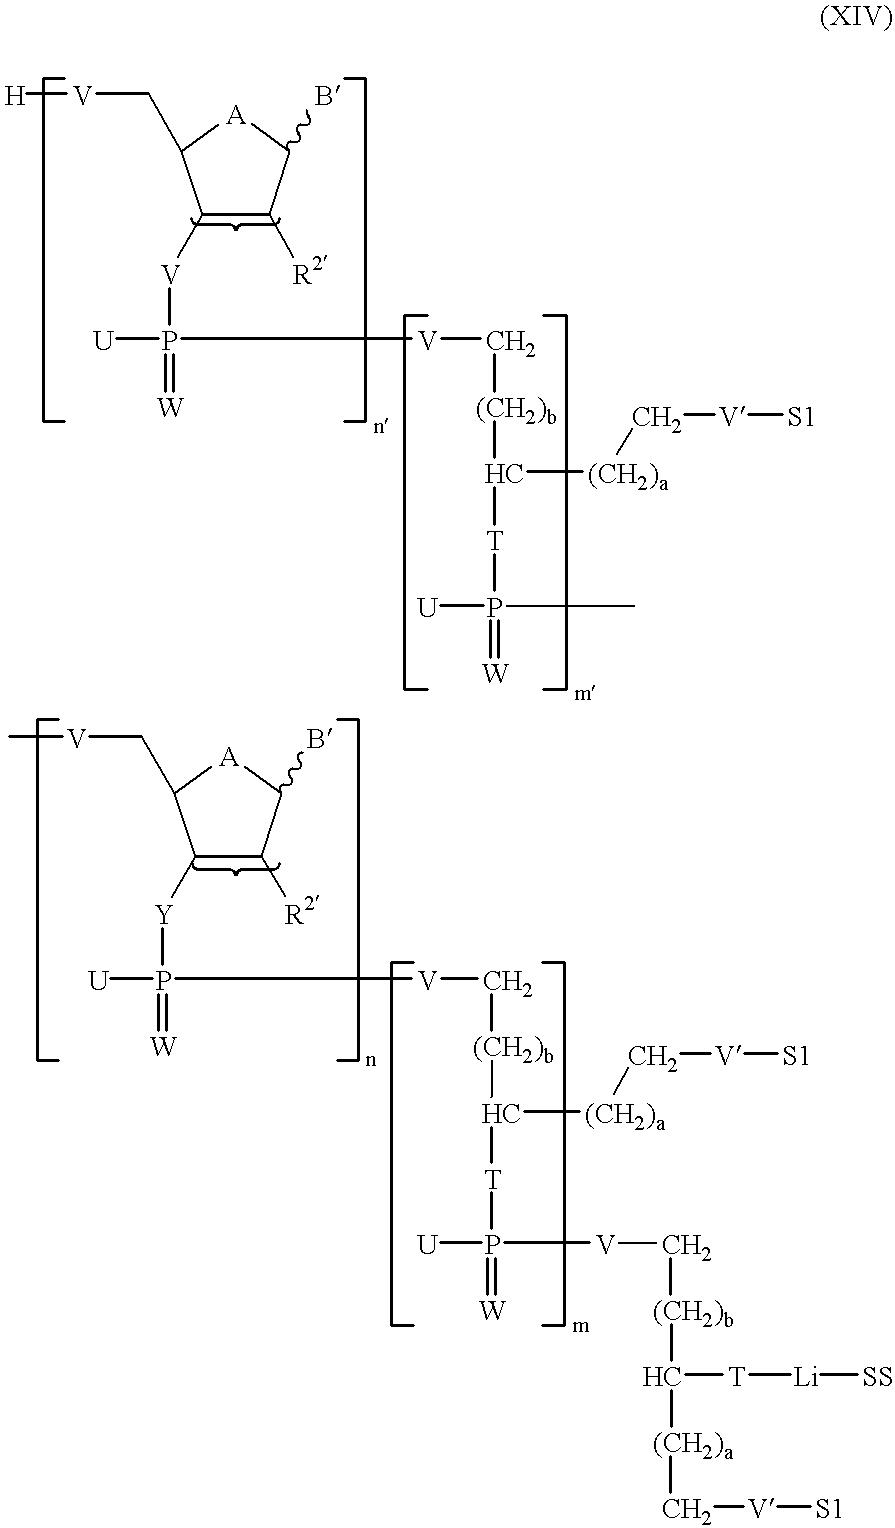 Figure US06326487-20011204-C00065